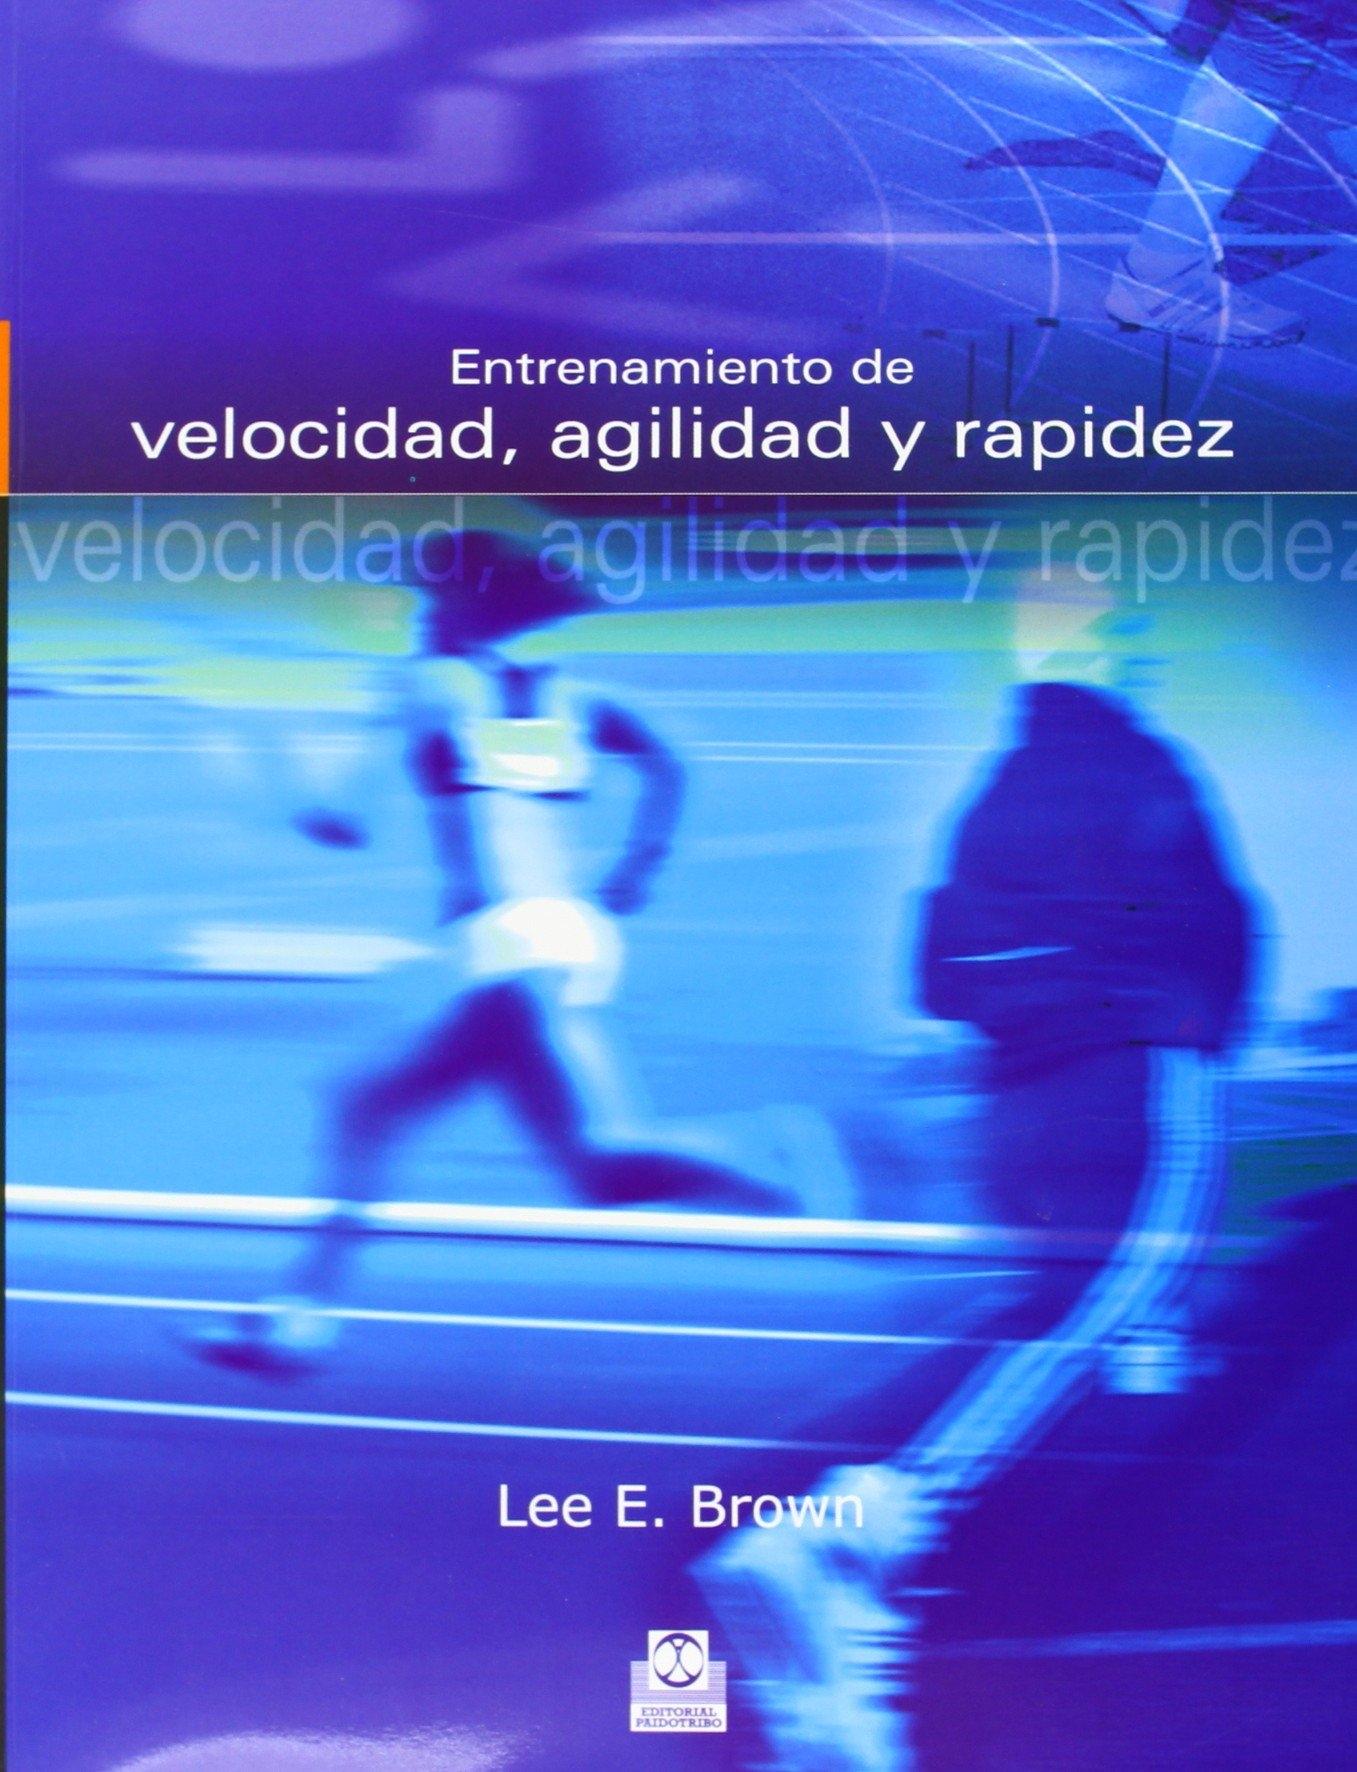 Entrenamiento de velocidad, agilidad y rapidez/ Training for Speed, Agility, and Quickness - Ferrigno, Vance A